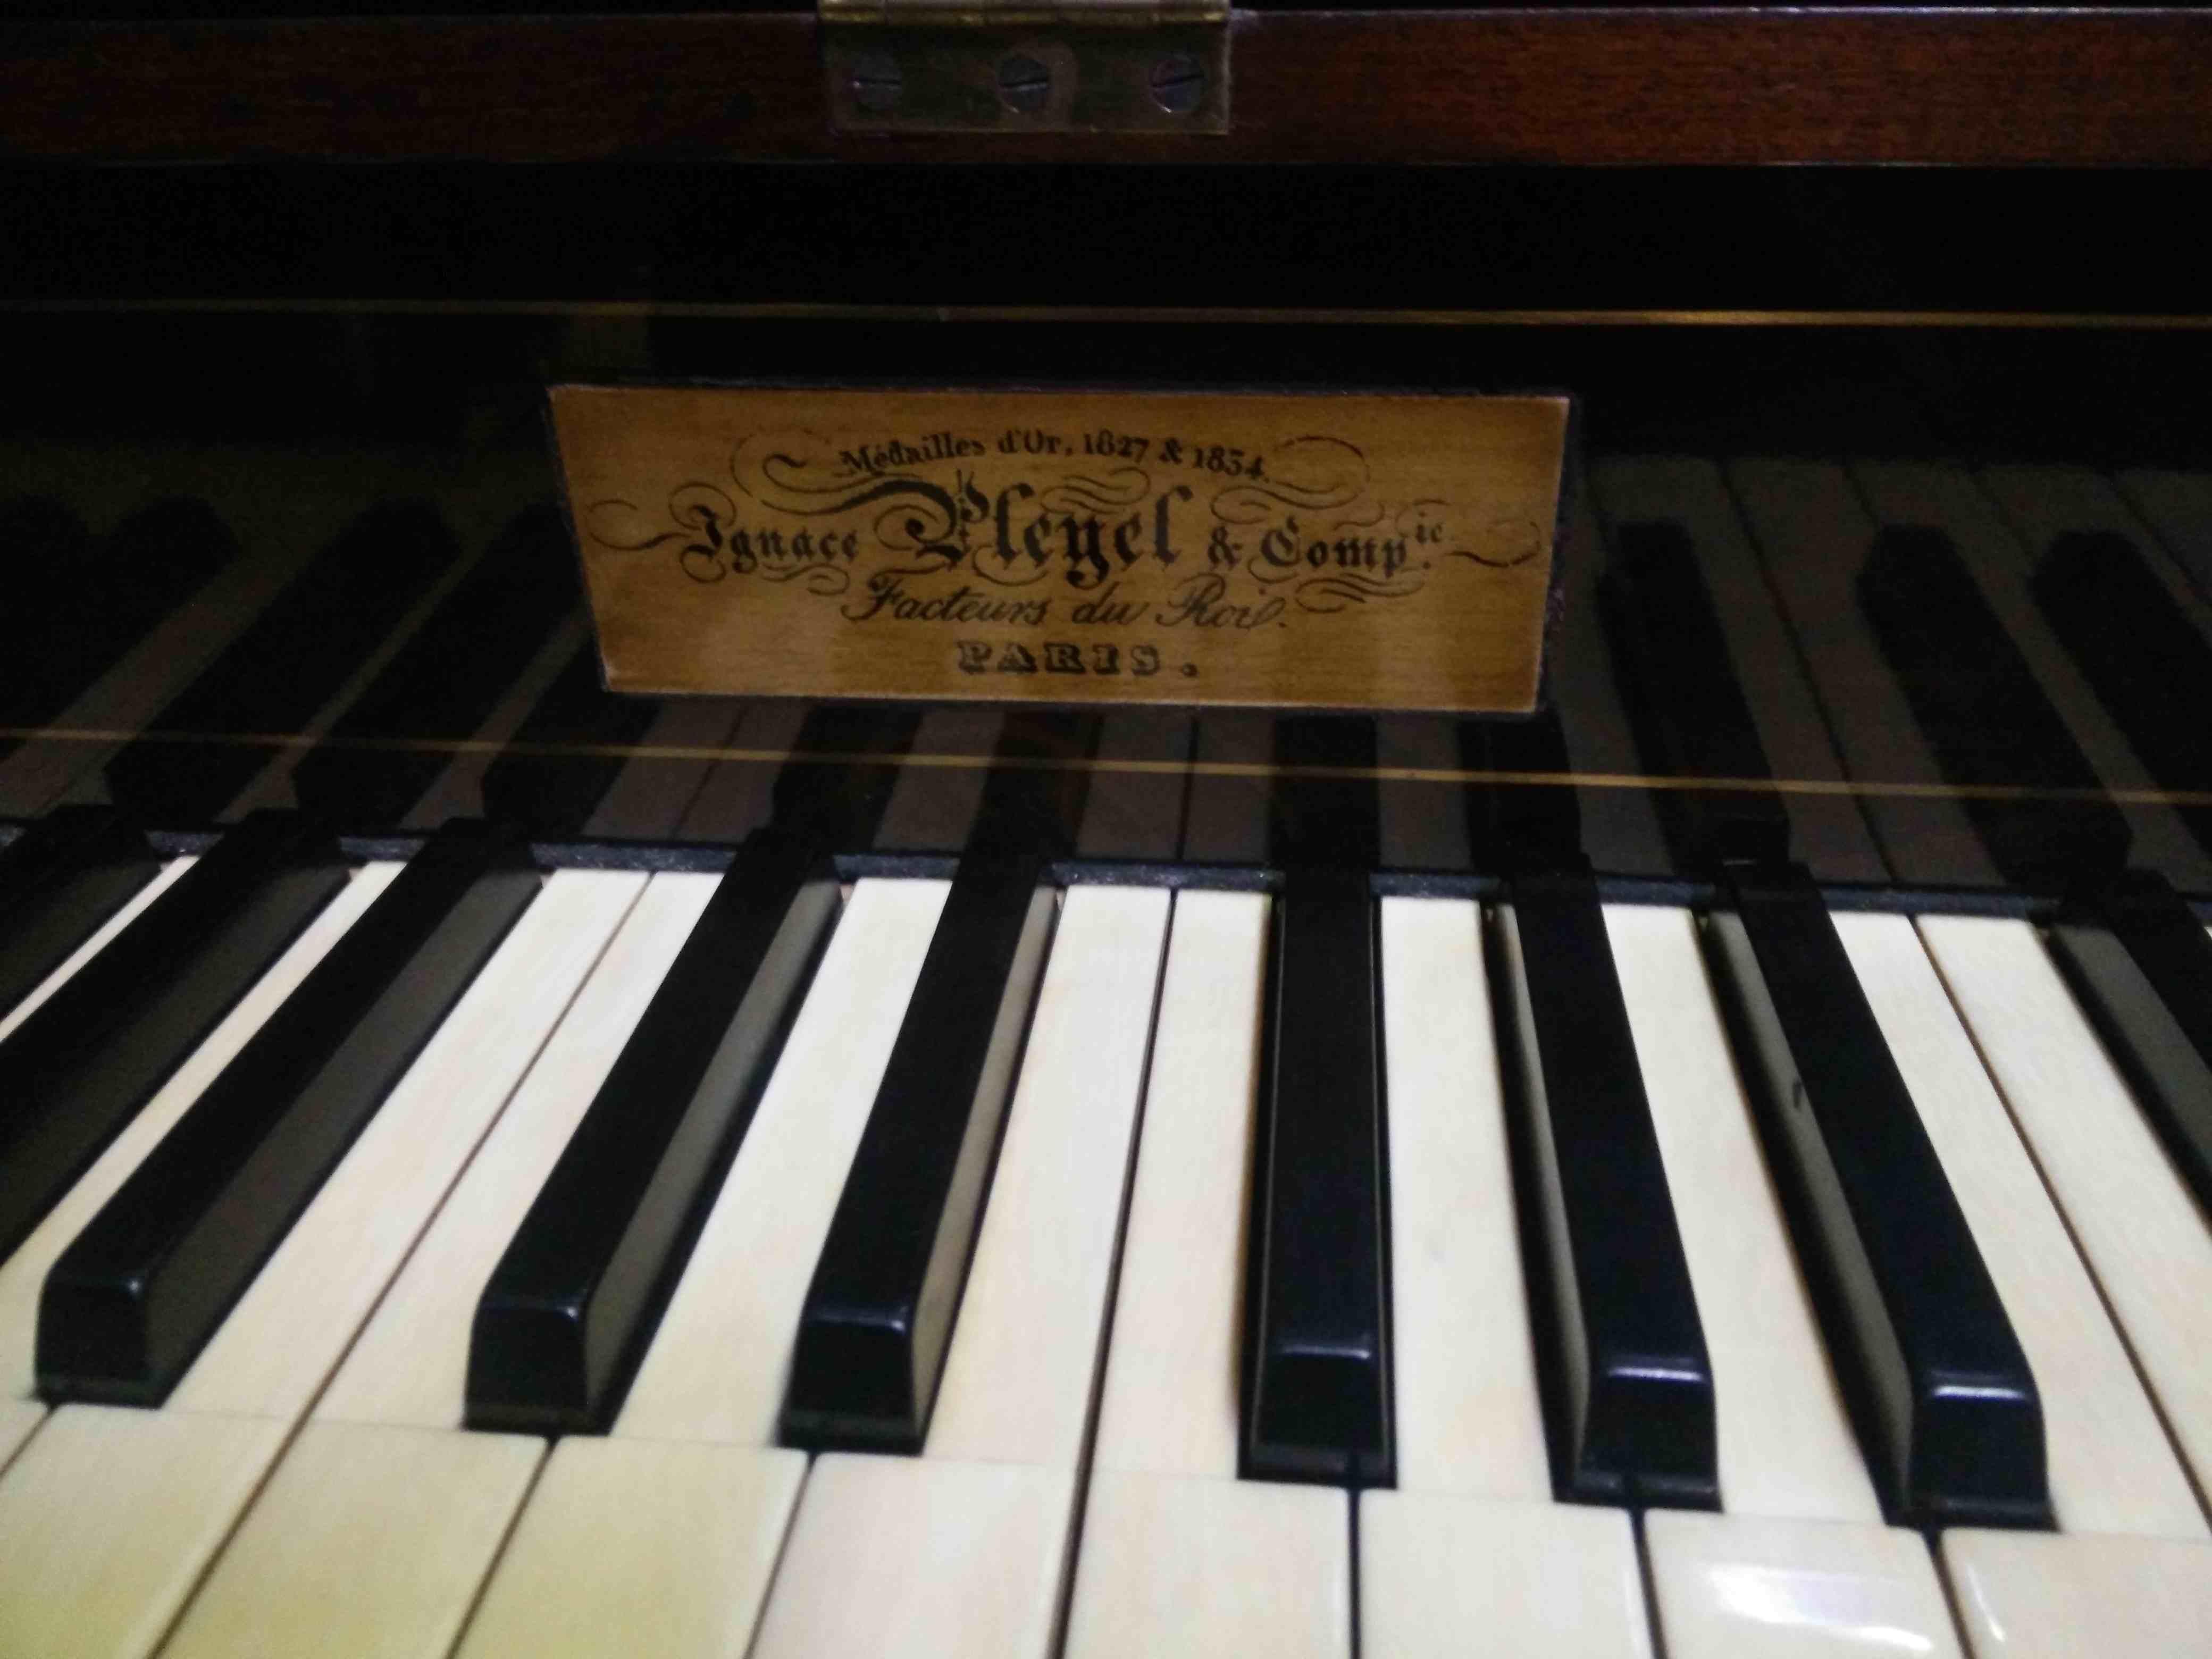 pianoforte incontri del terzo tipo